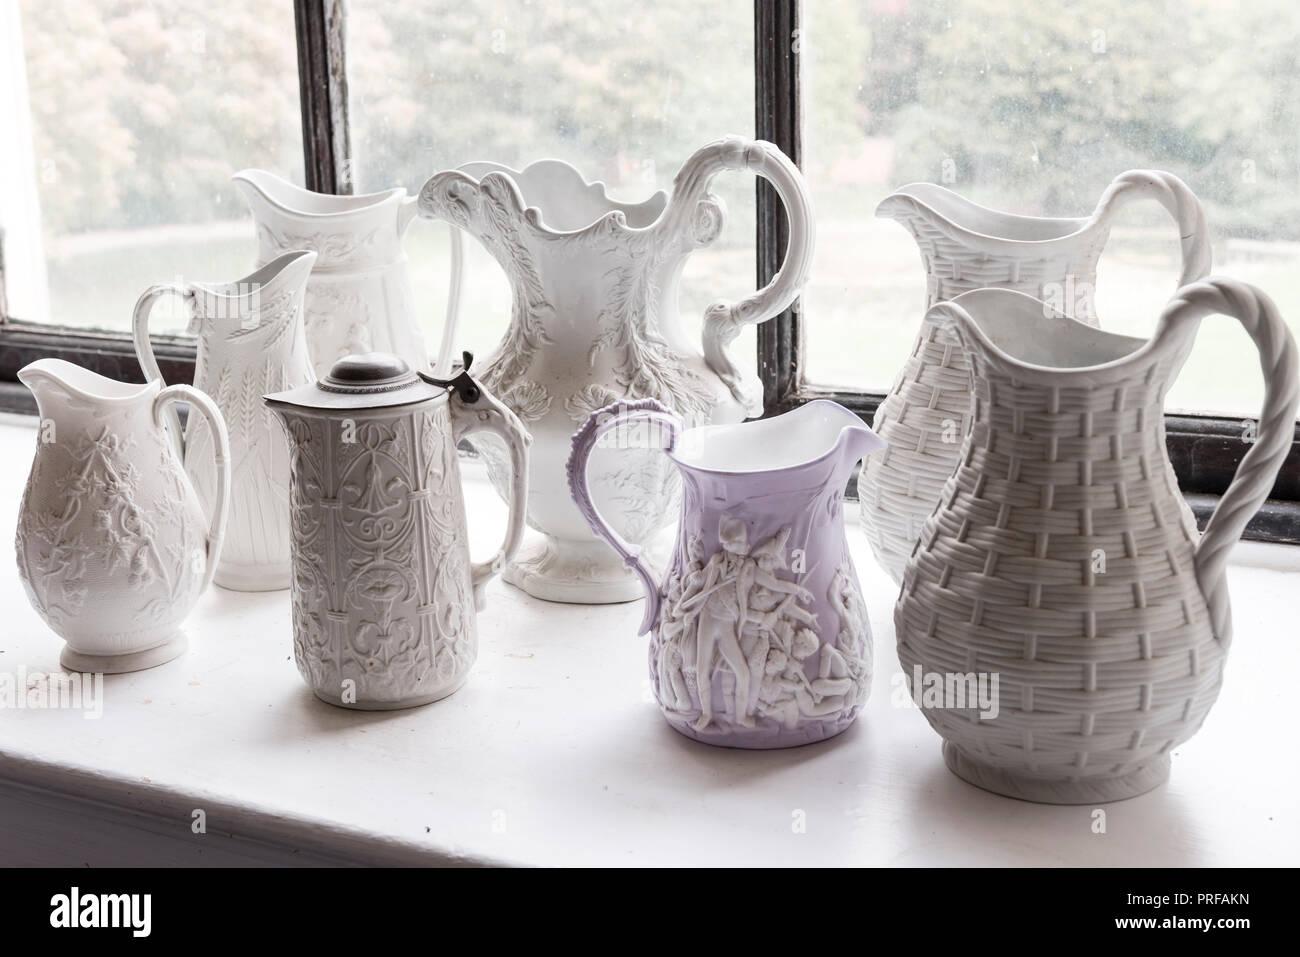 Colección de los siglos xix y xx jarras de moldeado de socorro Imagen De Stock